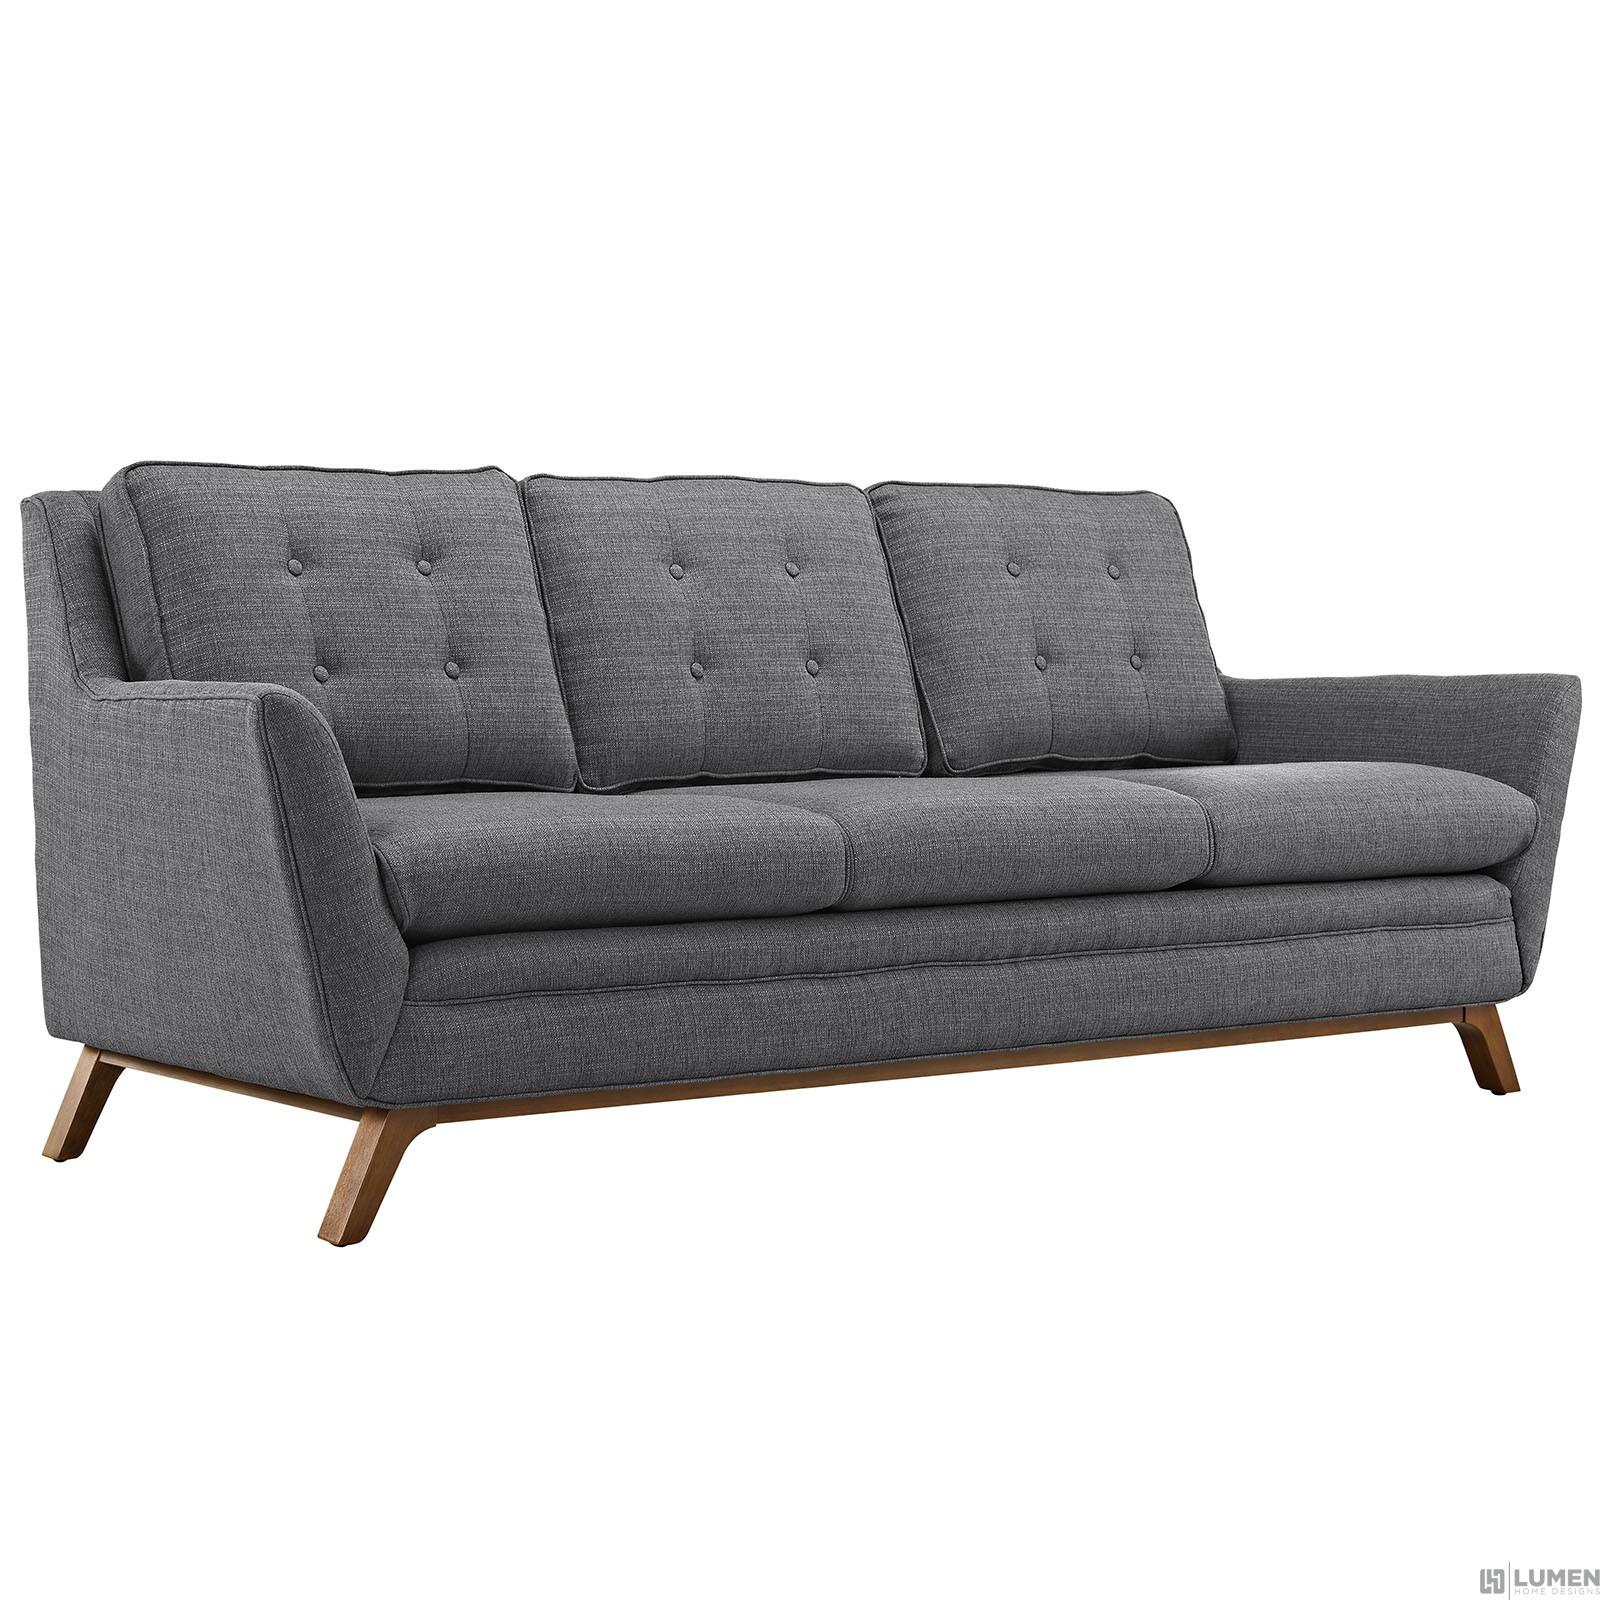 LHD-1800-DOR-sofa